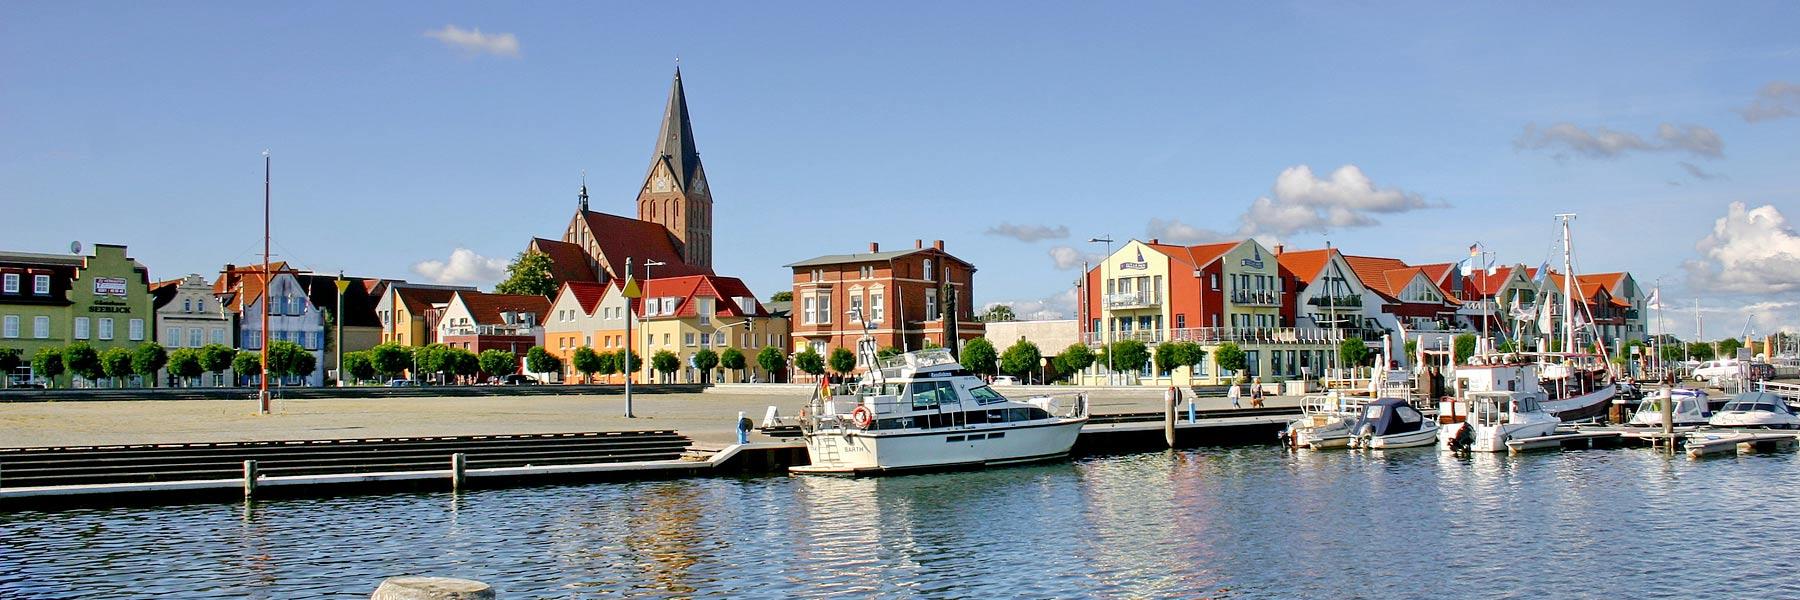 Hafen - Barth